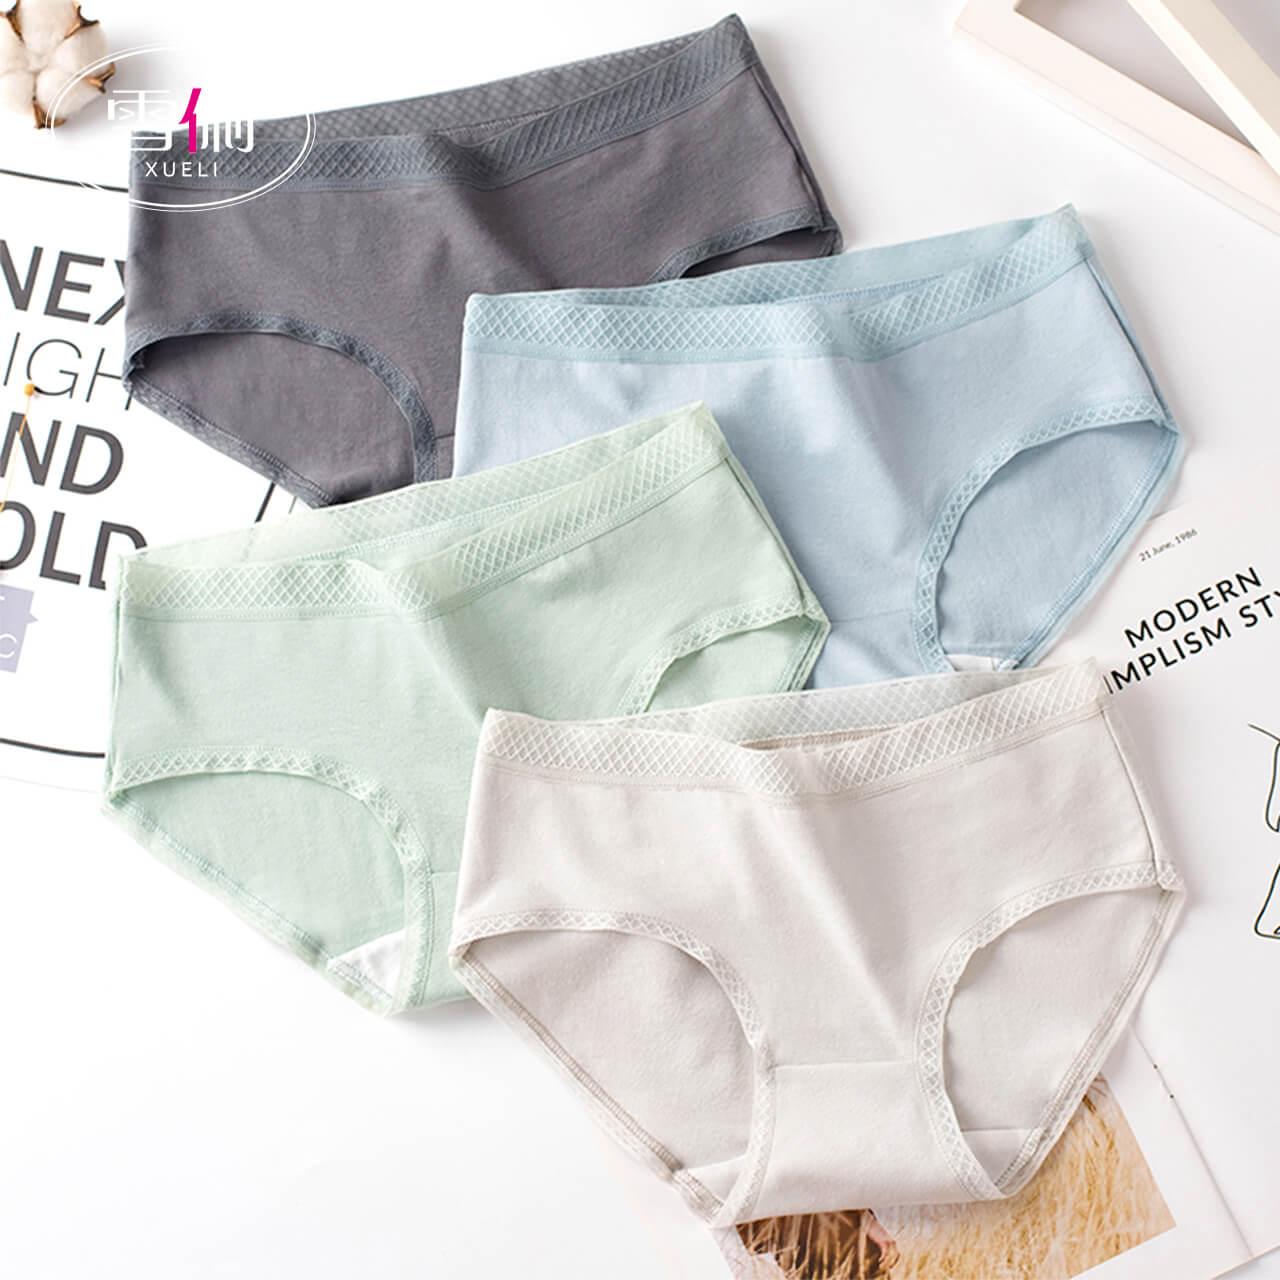 雪俐新款短裤棉质亲肤舒适女士内裤透气大码三角底裤头【4条装】